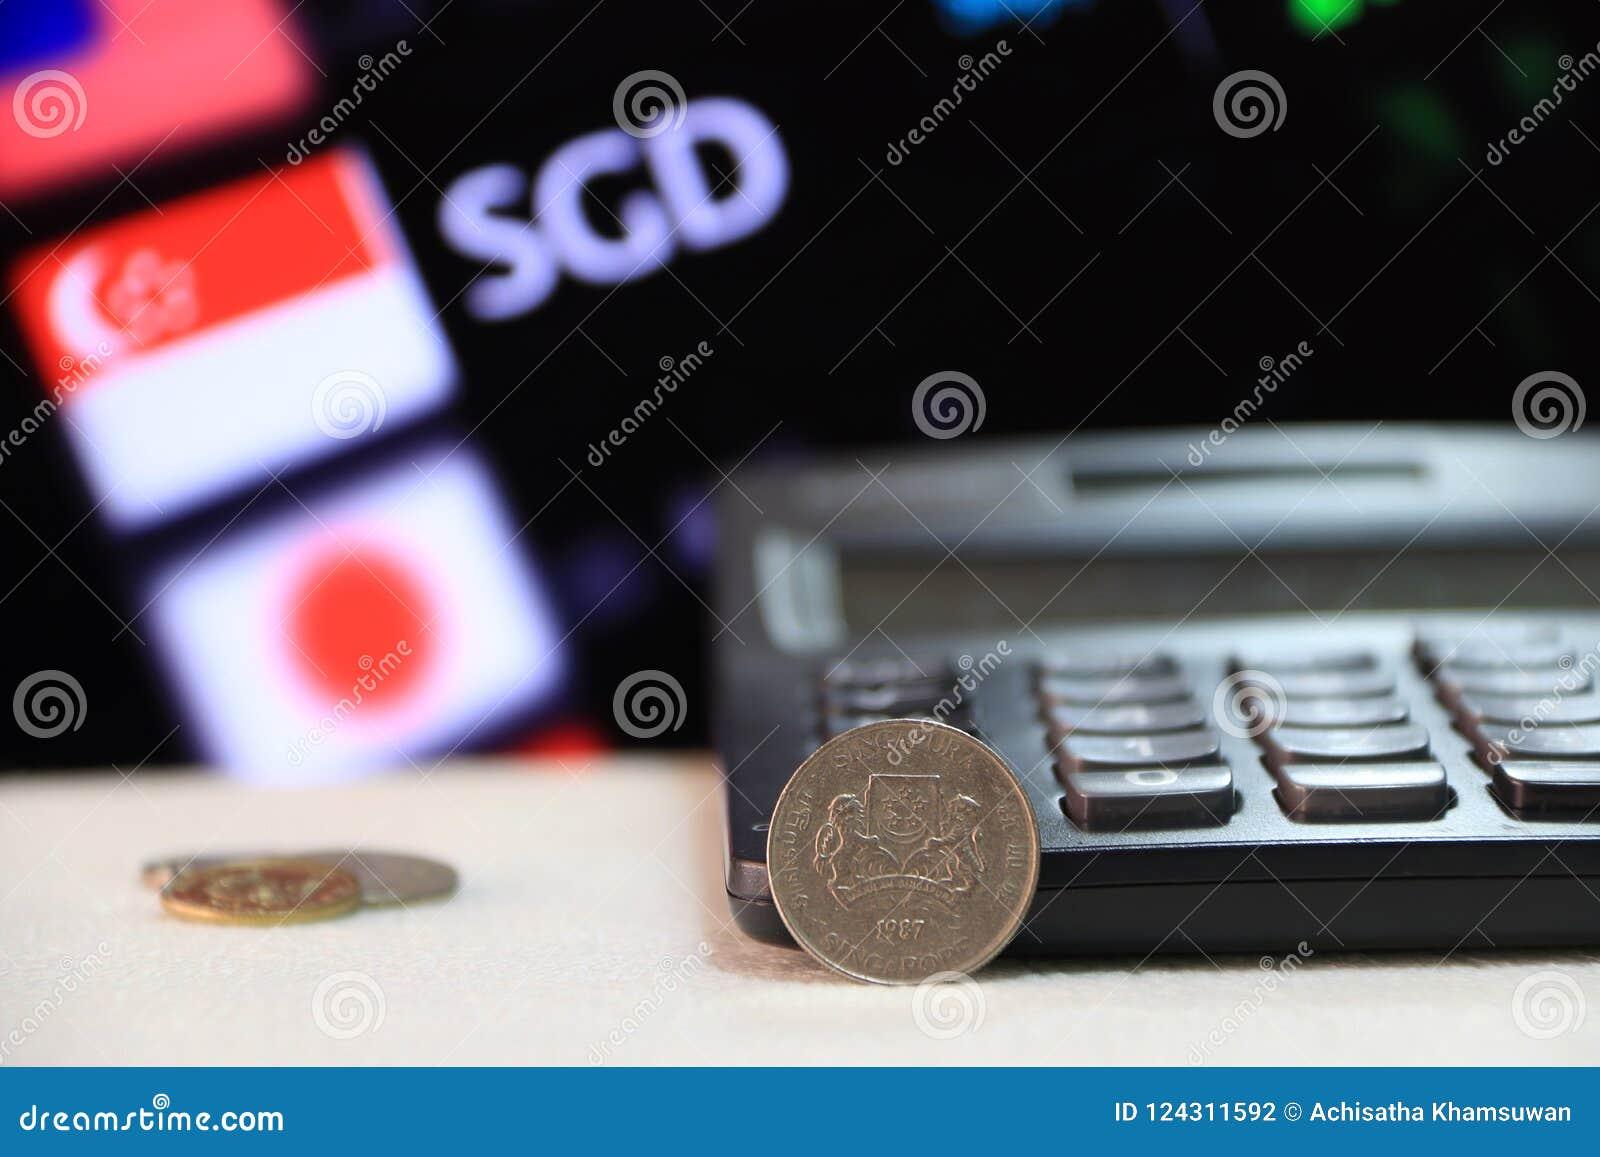 Moeda de Singapura de vinte centavos no SGD do anverso com calculadora preta e placa digital do dinheiro da troca de moeda